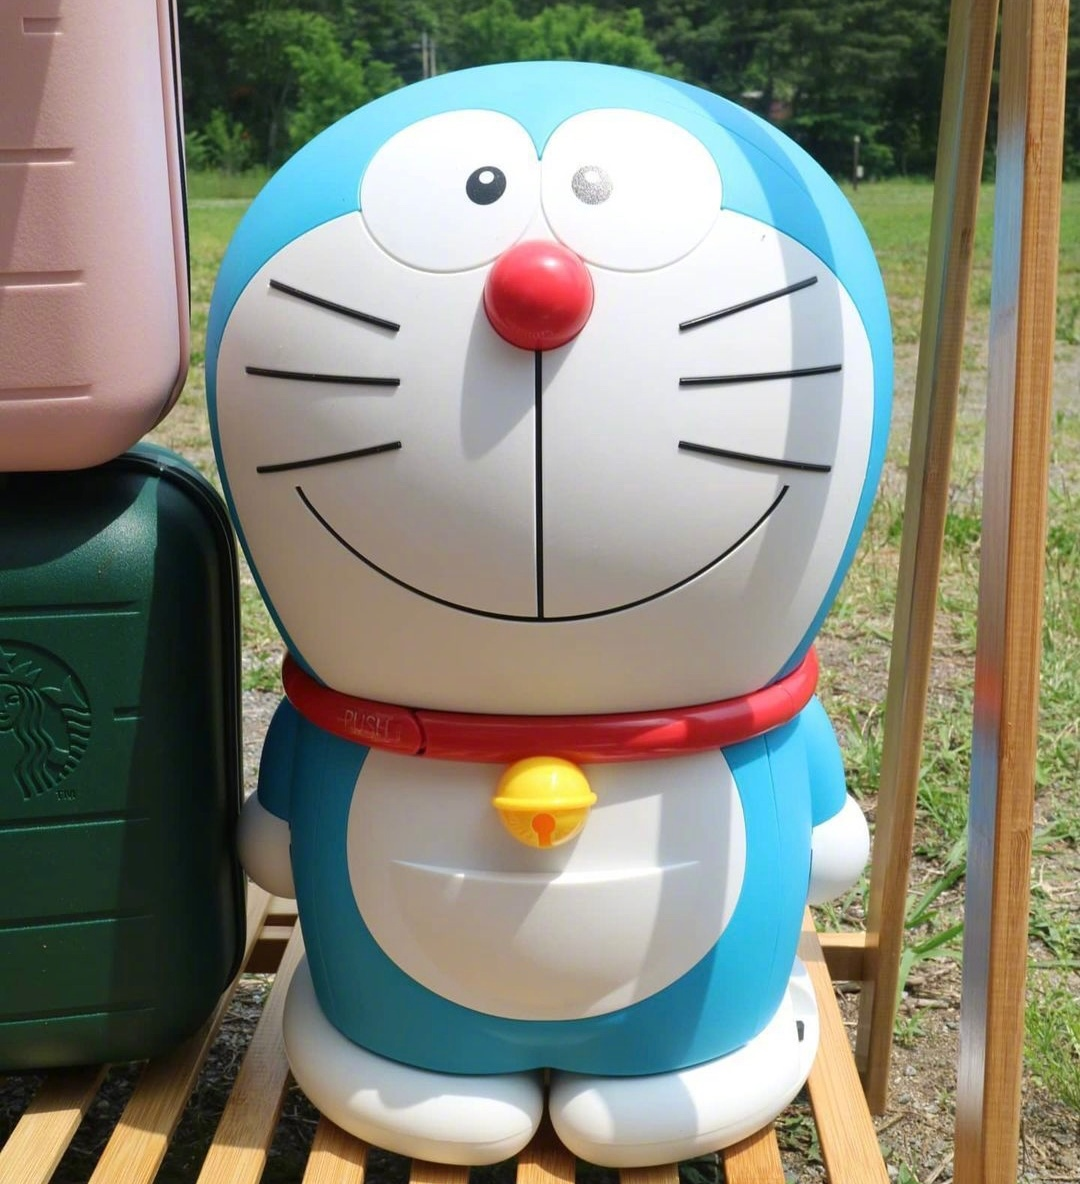 哆啦A梦小冰箱!!!太太太可爱了!